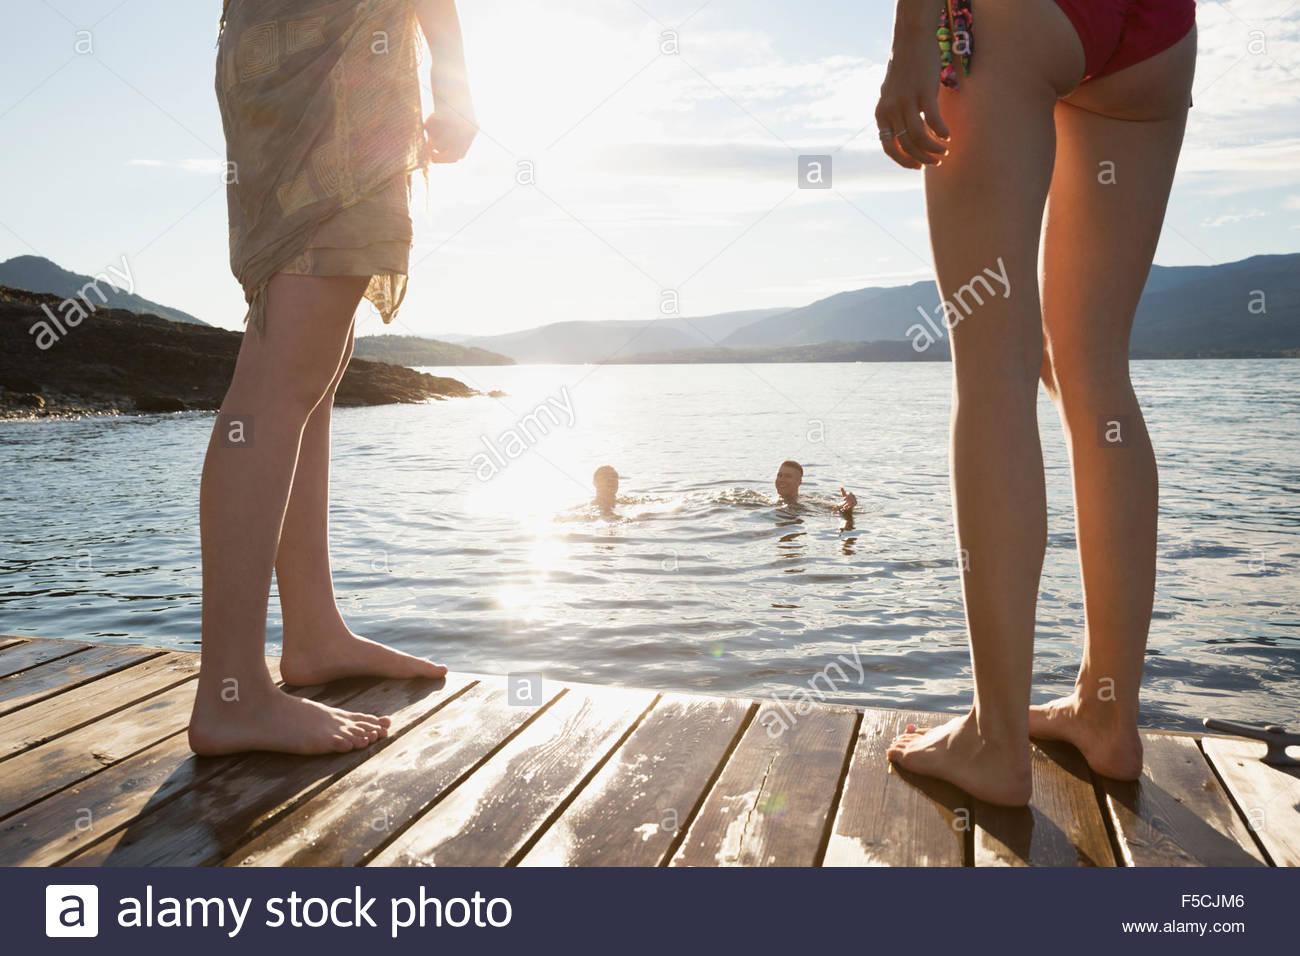 Les femmes sur un quai à regarder les hommes natation dans le lac Photo Stock